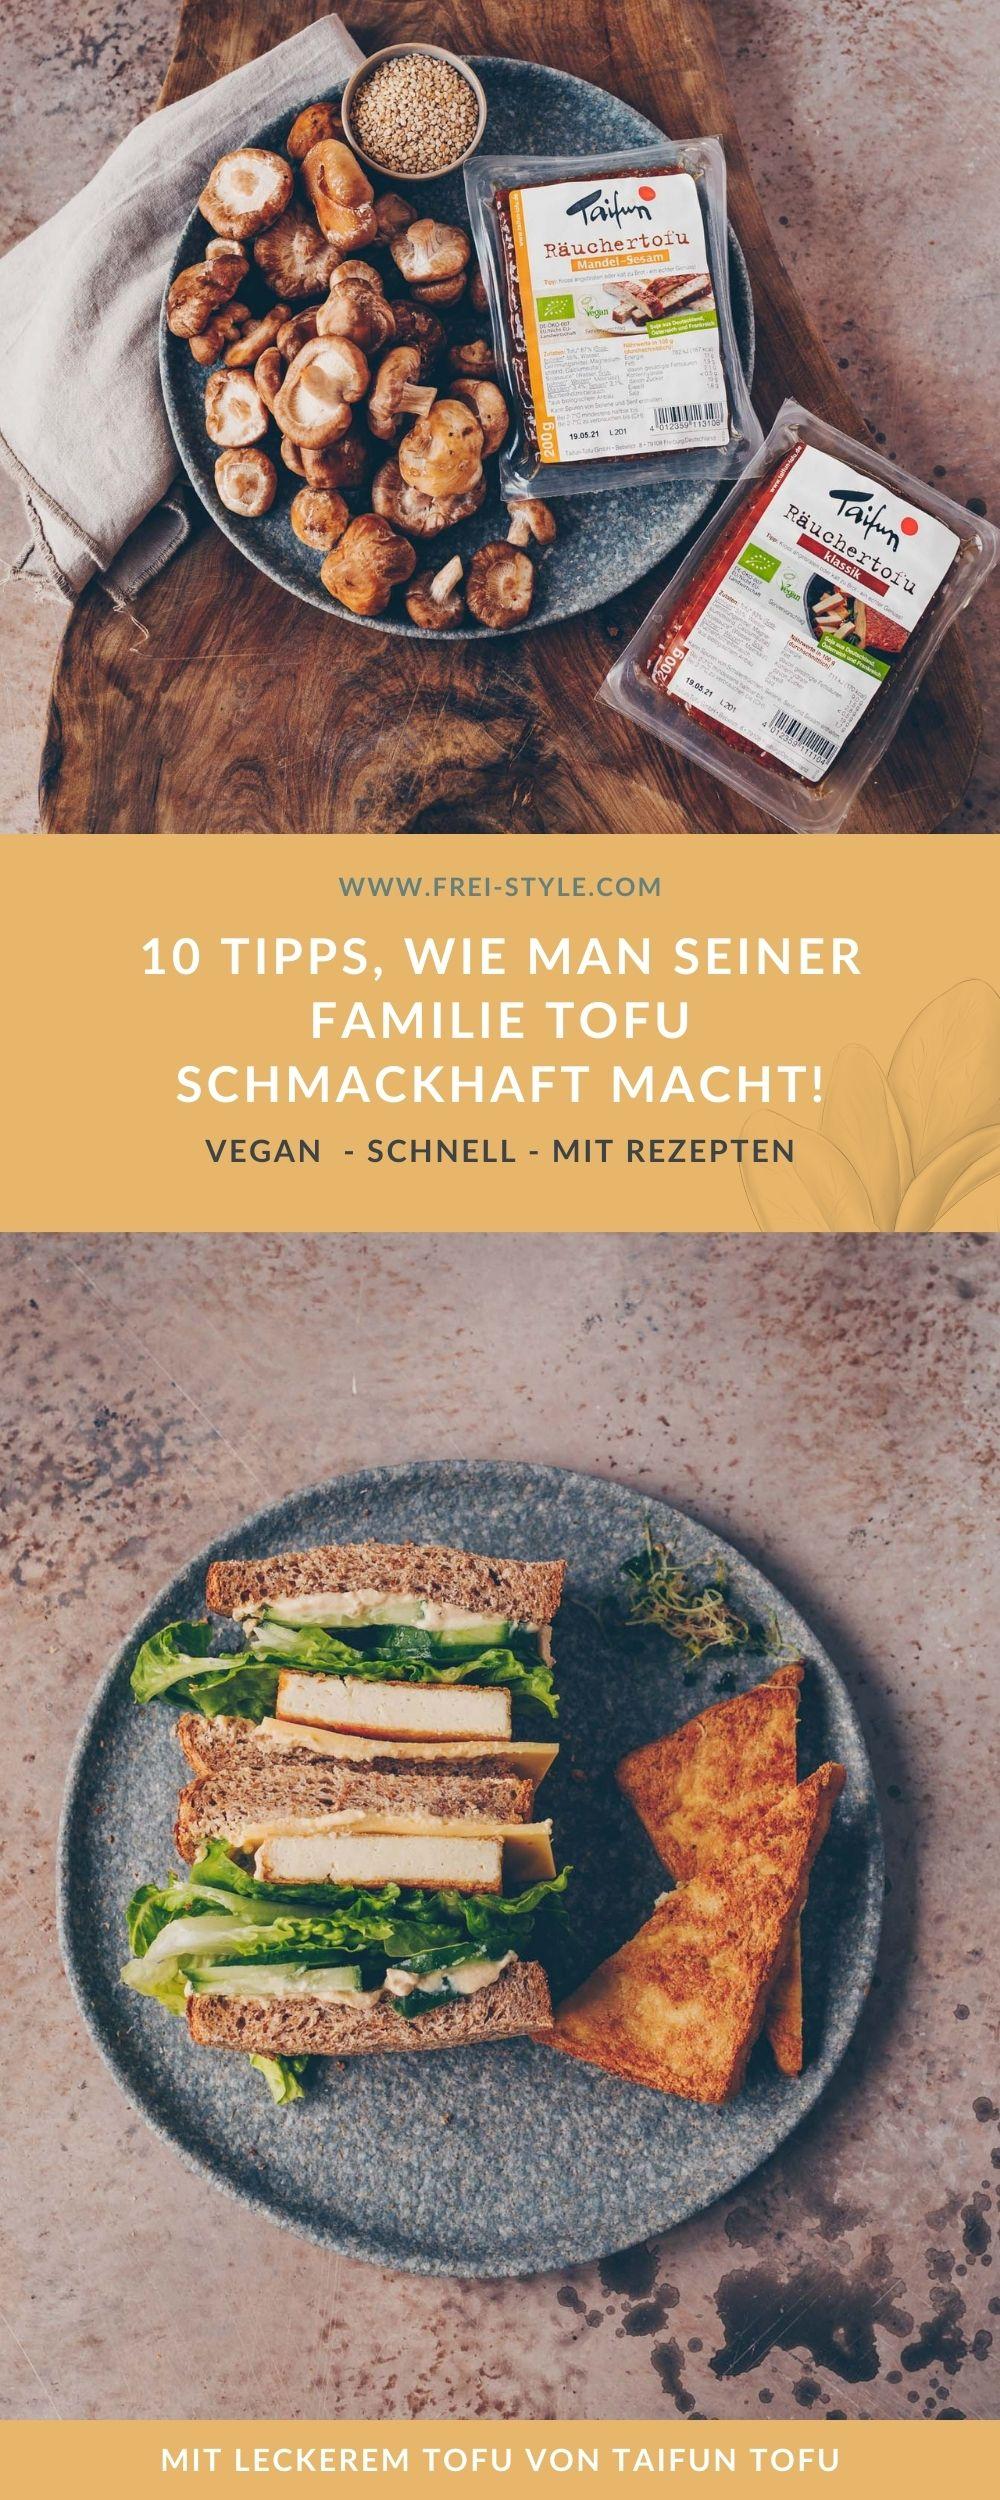 10 TIPPS, WIE MAN SEINER FAMILIE TOFU SCHMACKHAFT MACHT!